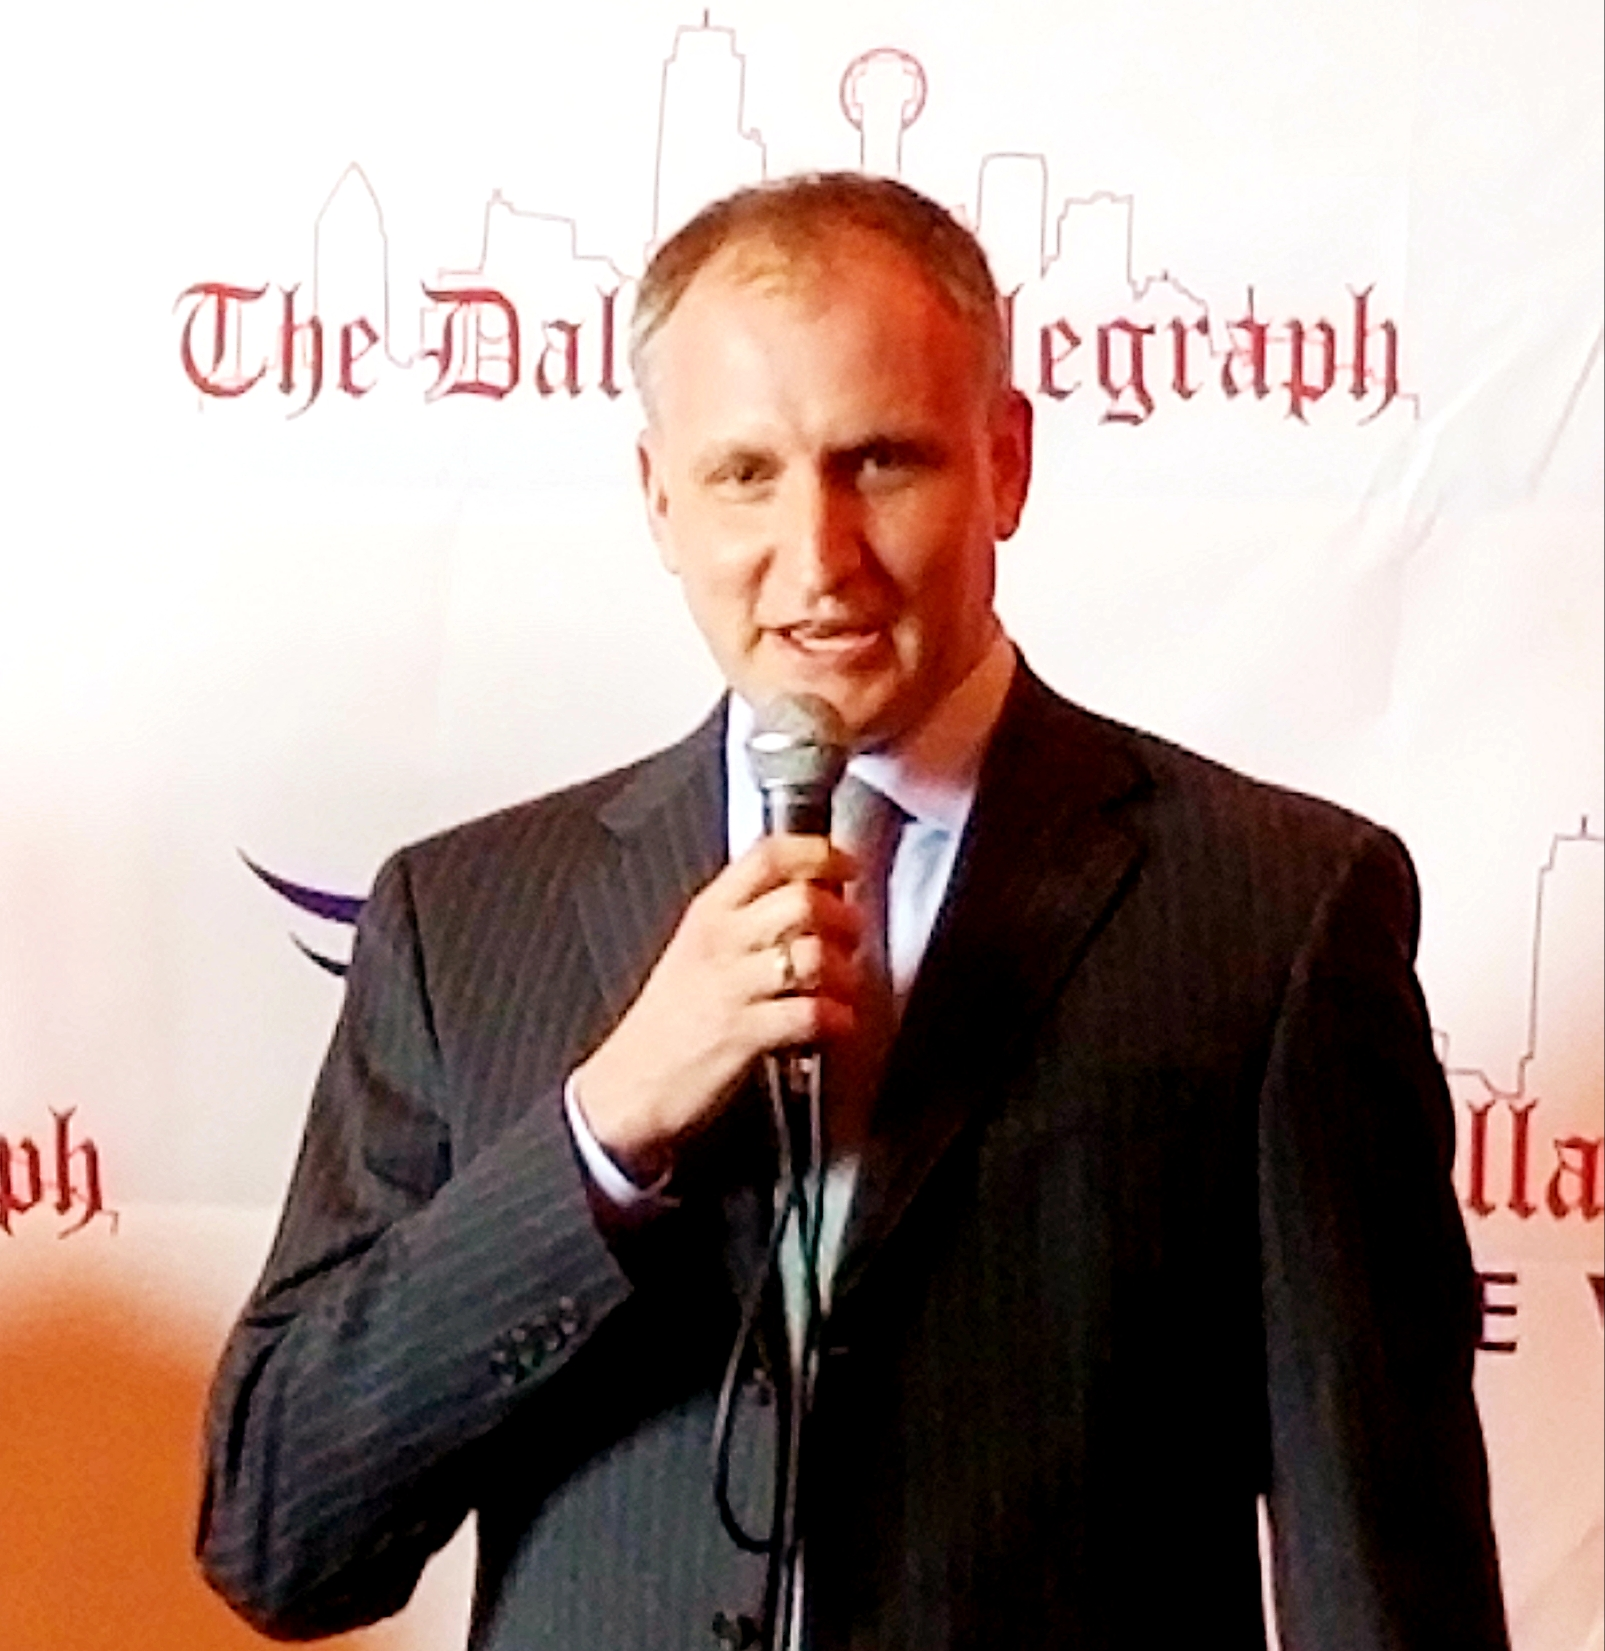 Alex speaker at a The Dallas Telegraph event